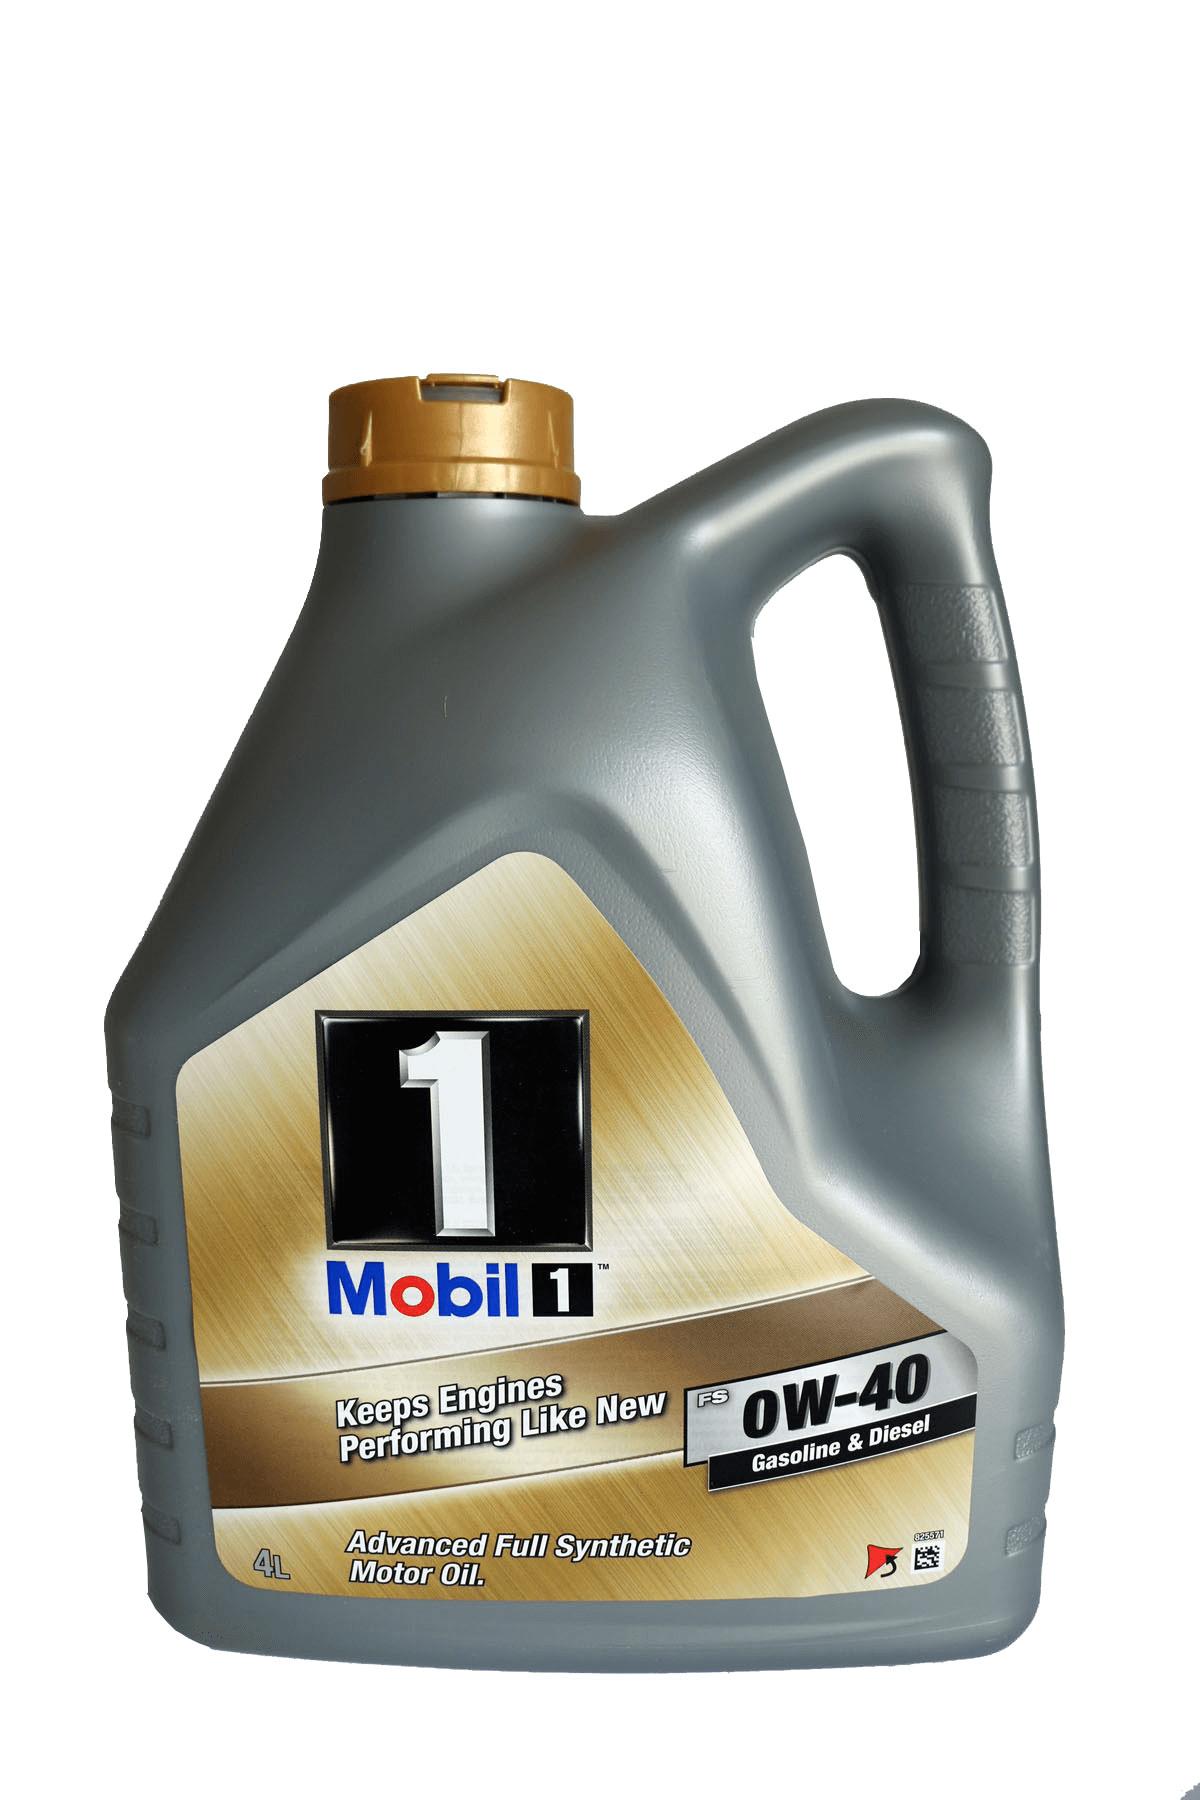 Mobil 1 FS 0W-40 Motoröl, 4l